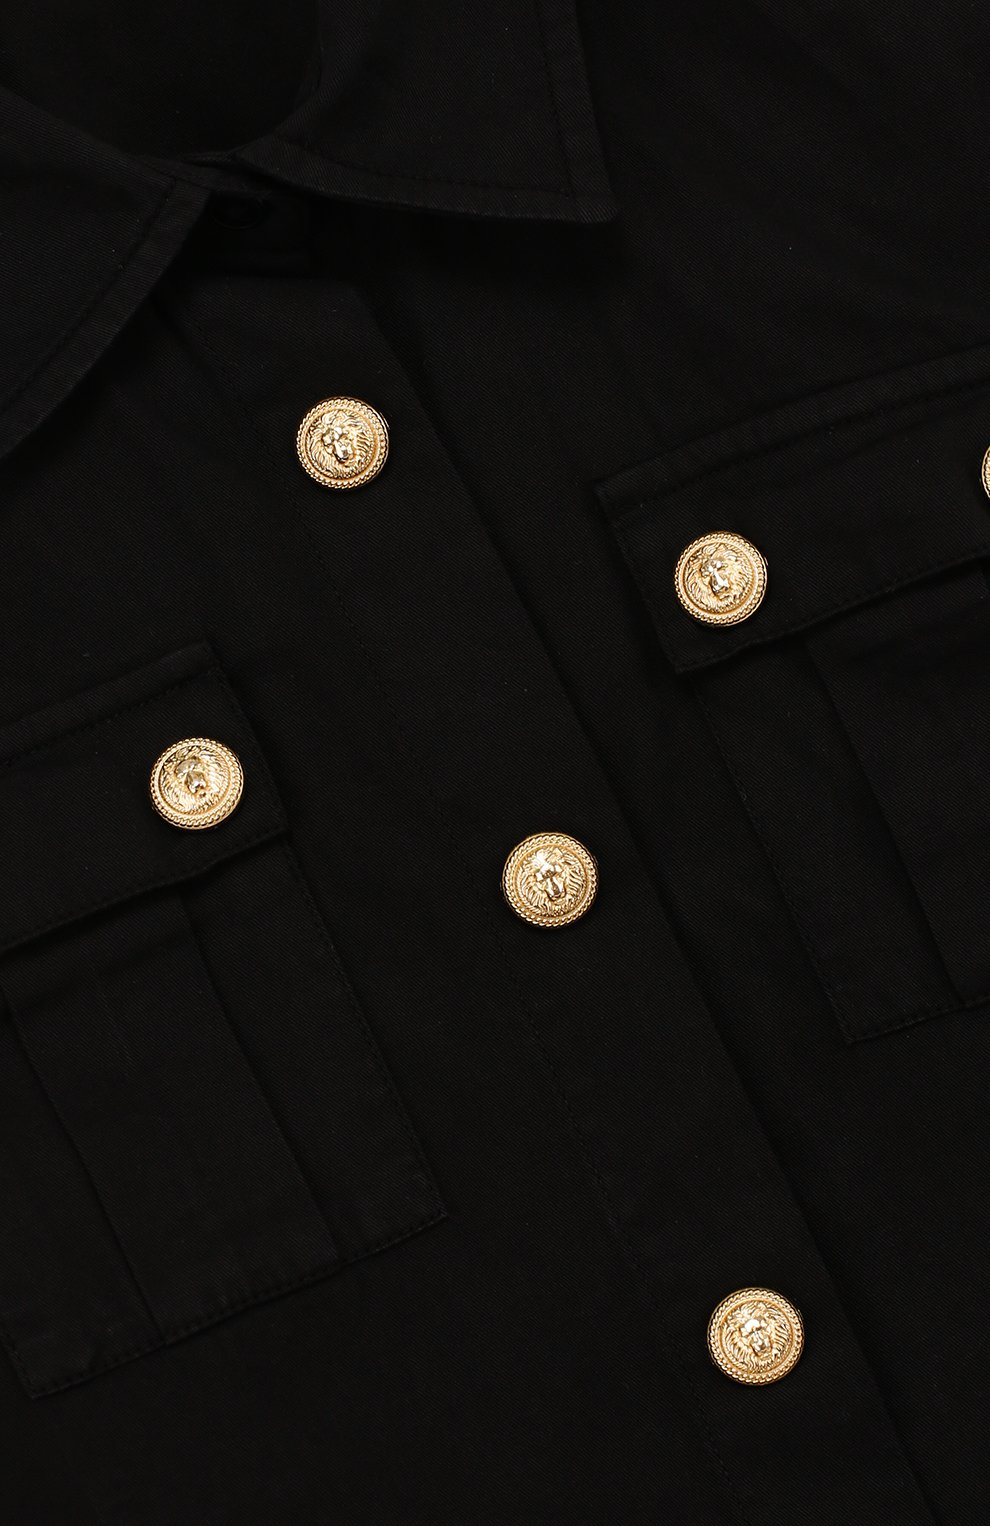 Хлопковая блуза прямого кроя с декоративными пуговицами | Фото №3